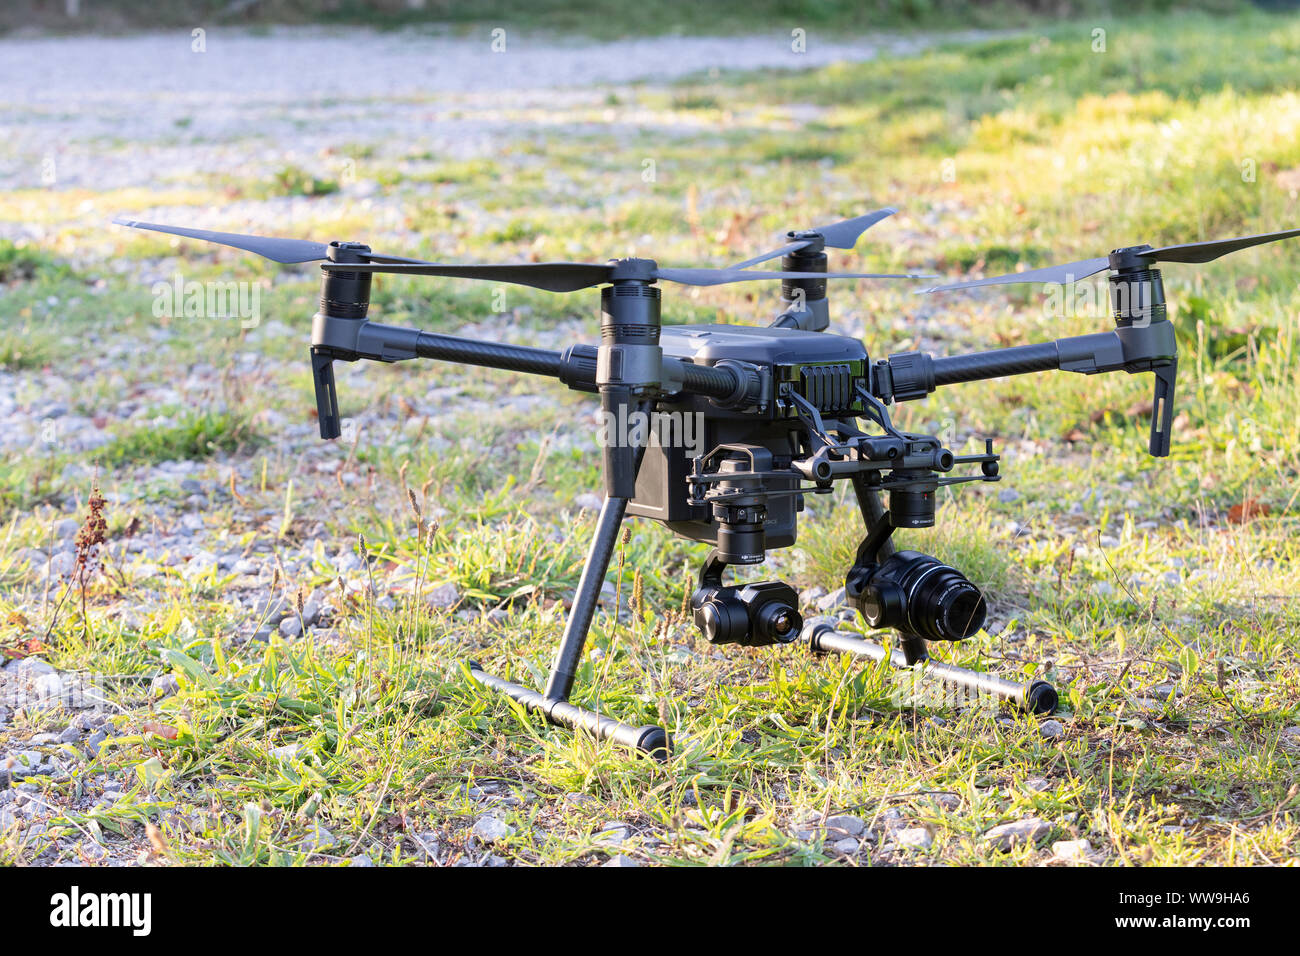 Zumbido en el campo de vuelo - Drone operación comercial Foto de stock